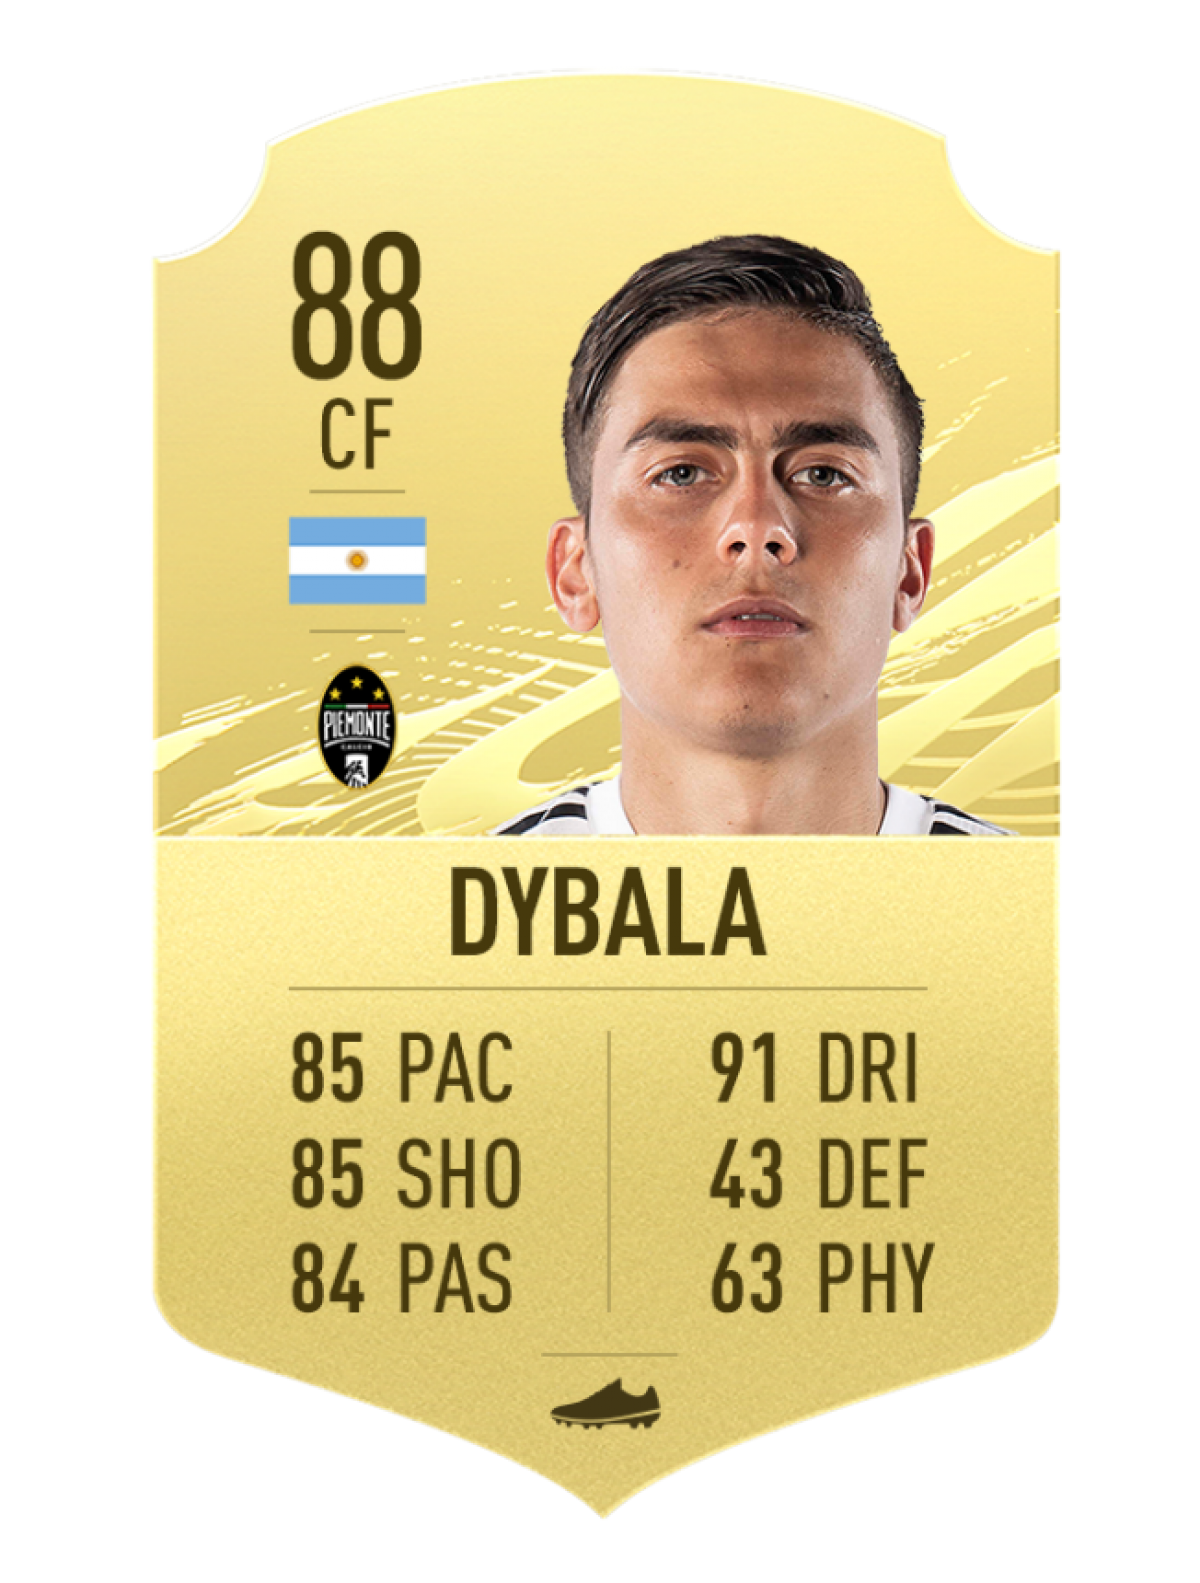 7. Paulo Dybala - Juventus | Chỉ số rê bóng 91